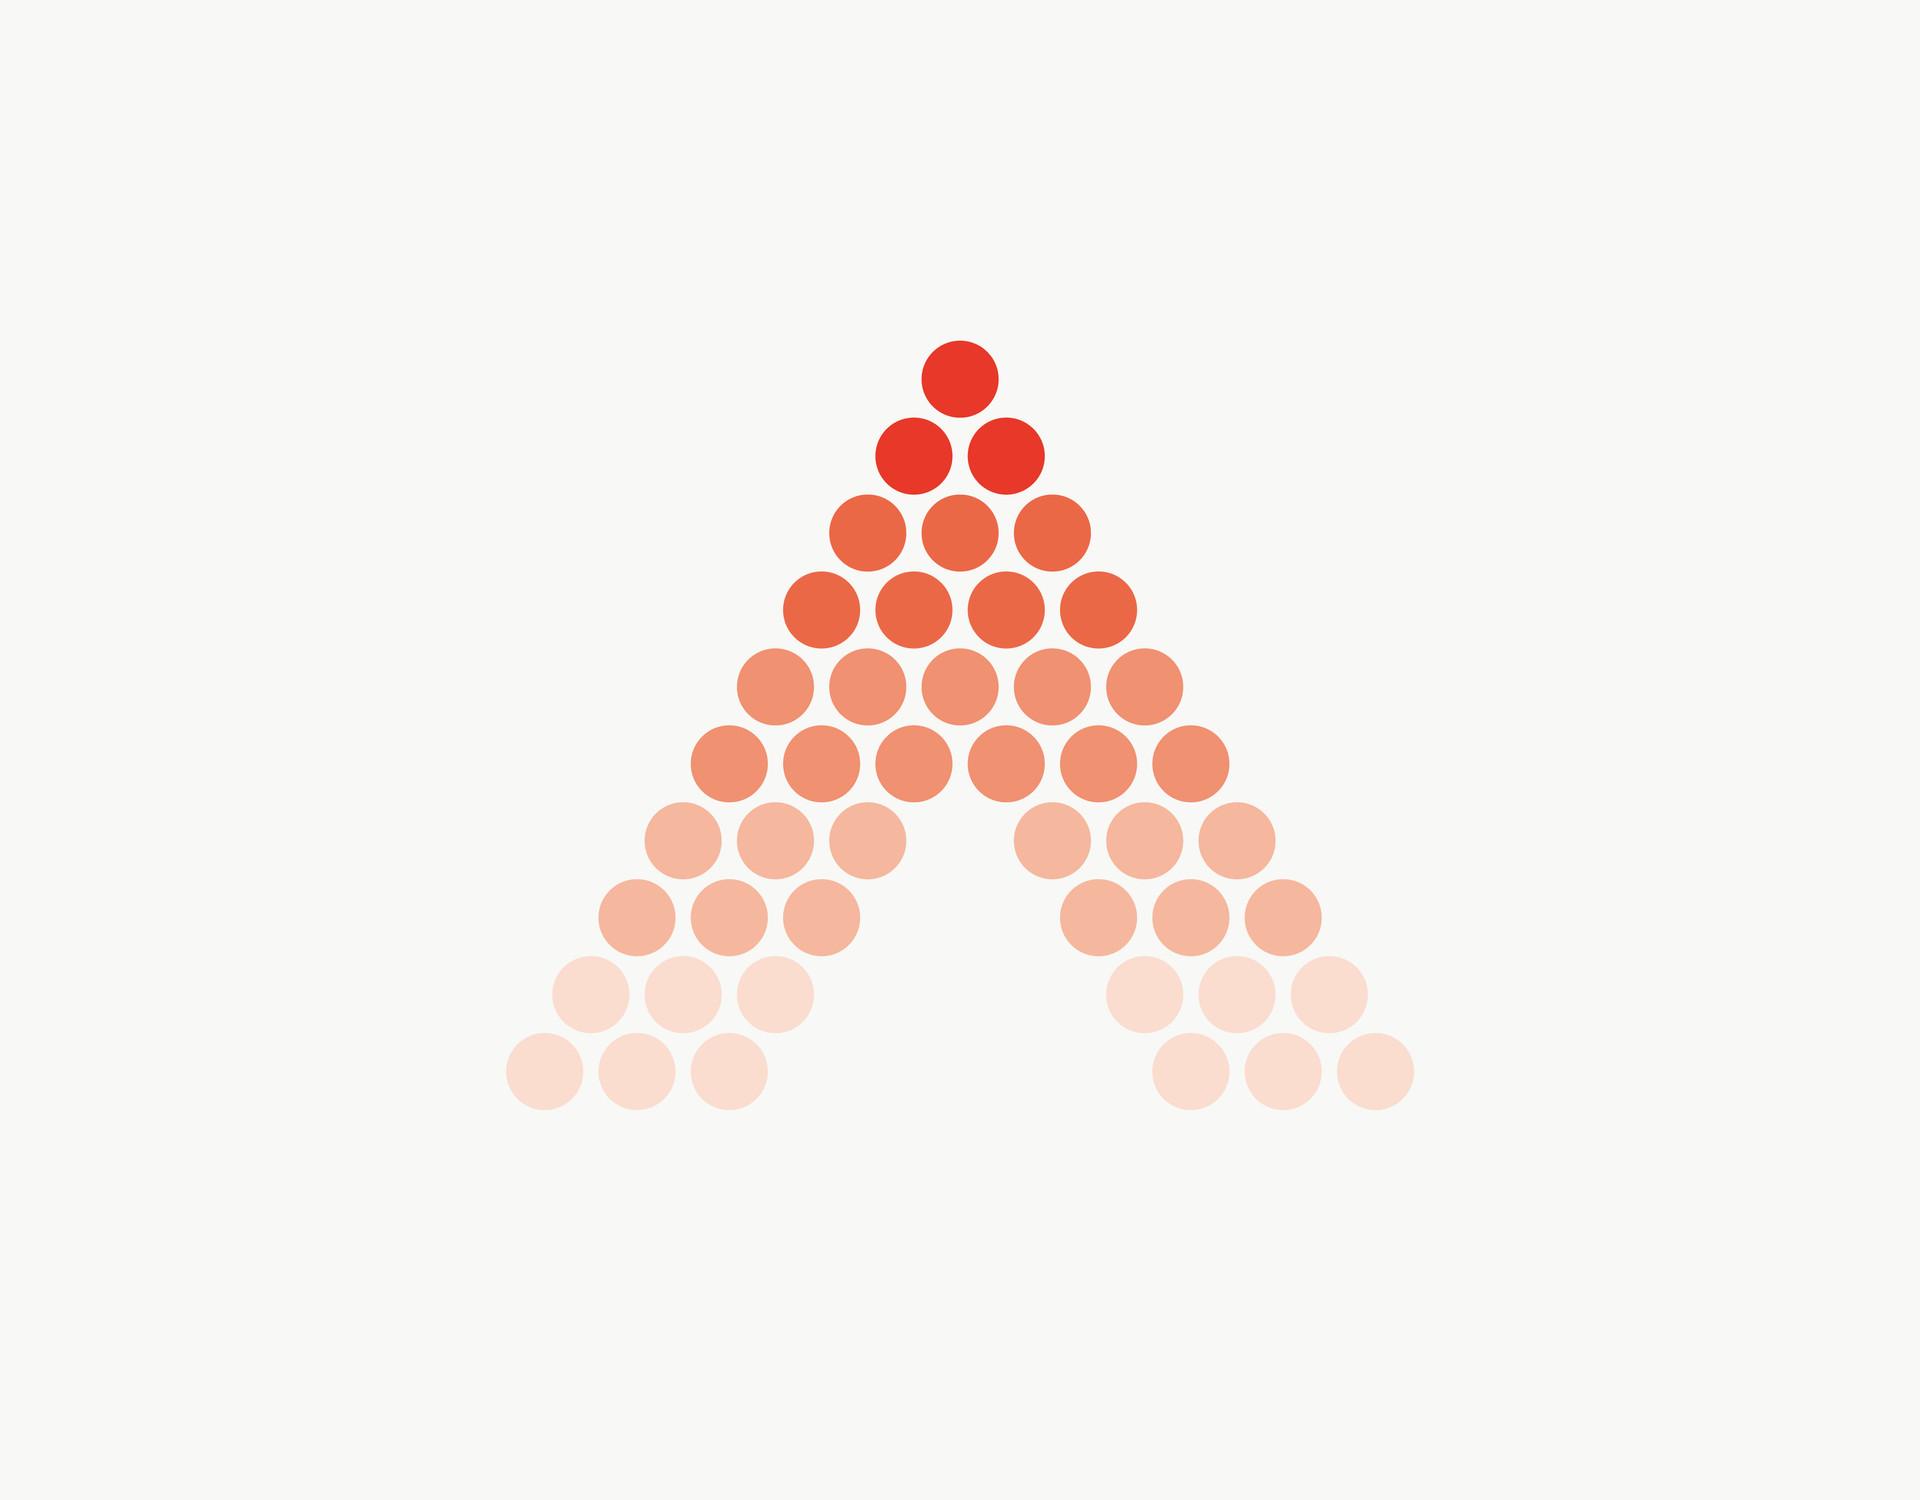 adaptive_01_アートボード 1 のコピー.jpg